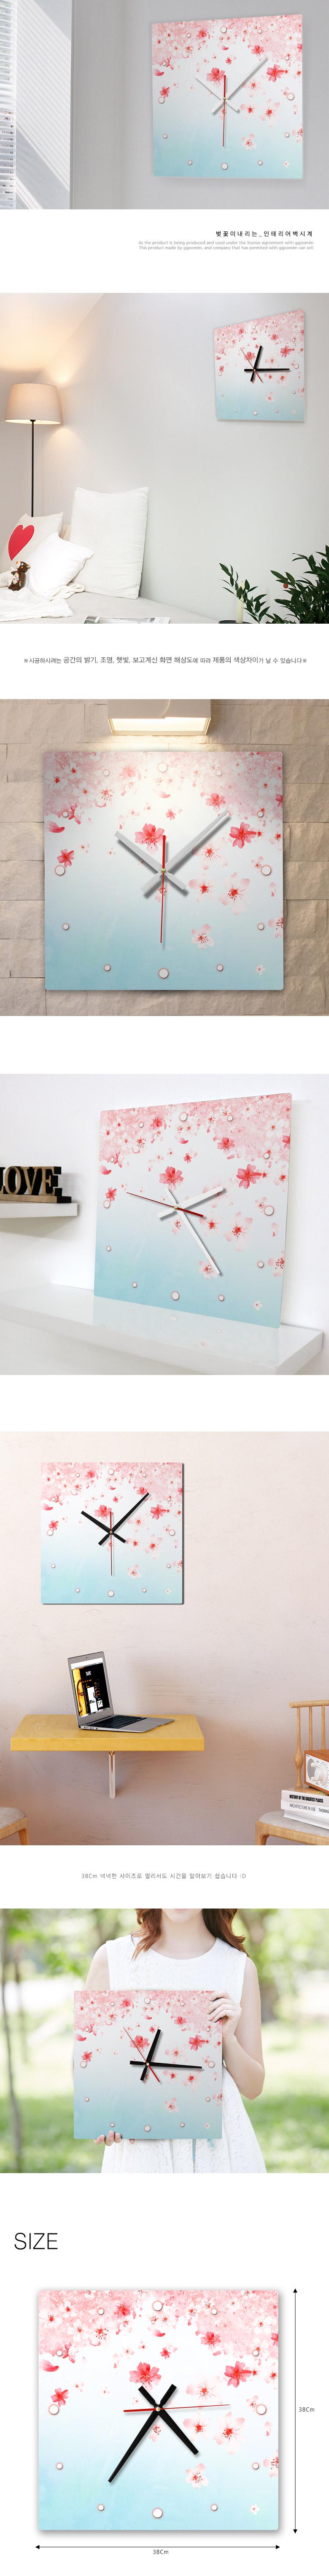 ch542-벚꽃이내리는_인테리어벽시계 - 꾸밈, 19,600원, 벽시계, 무소음/저소음